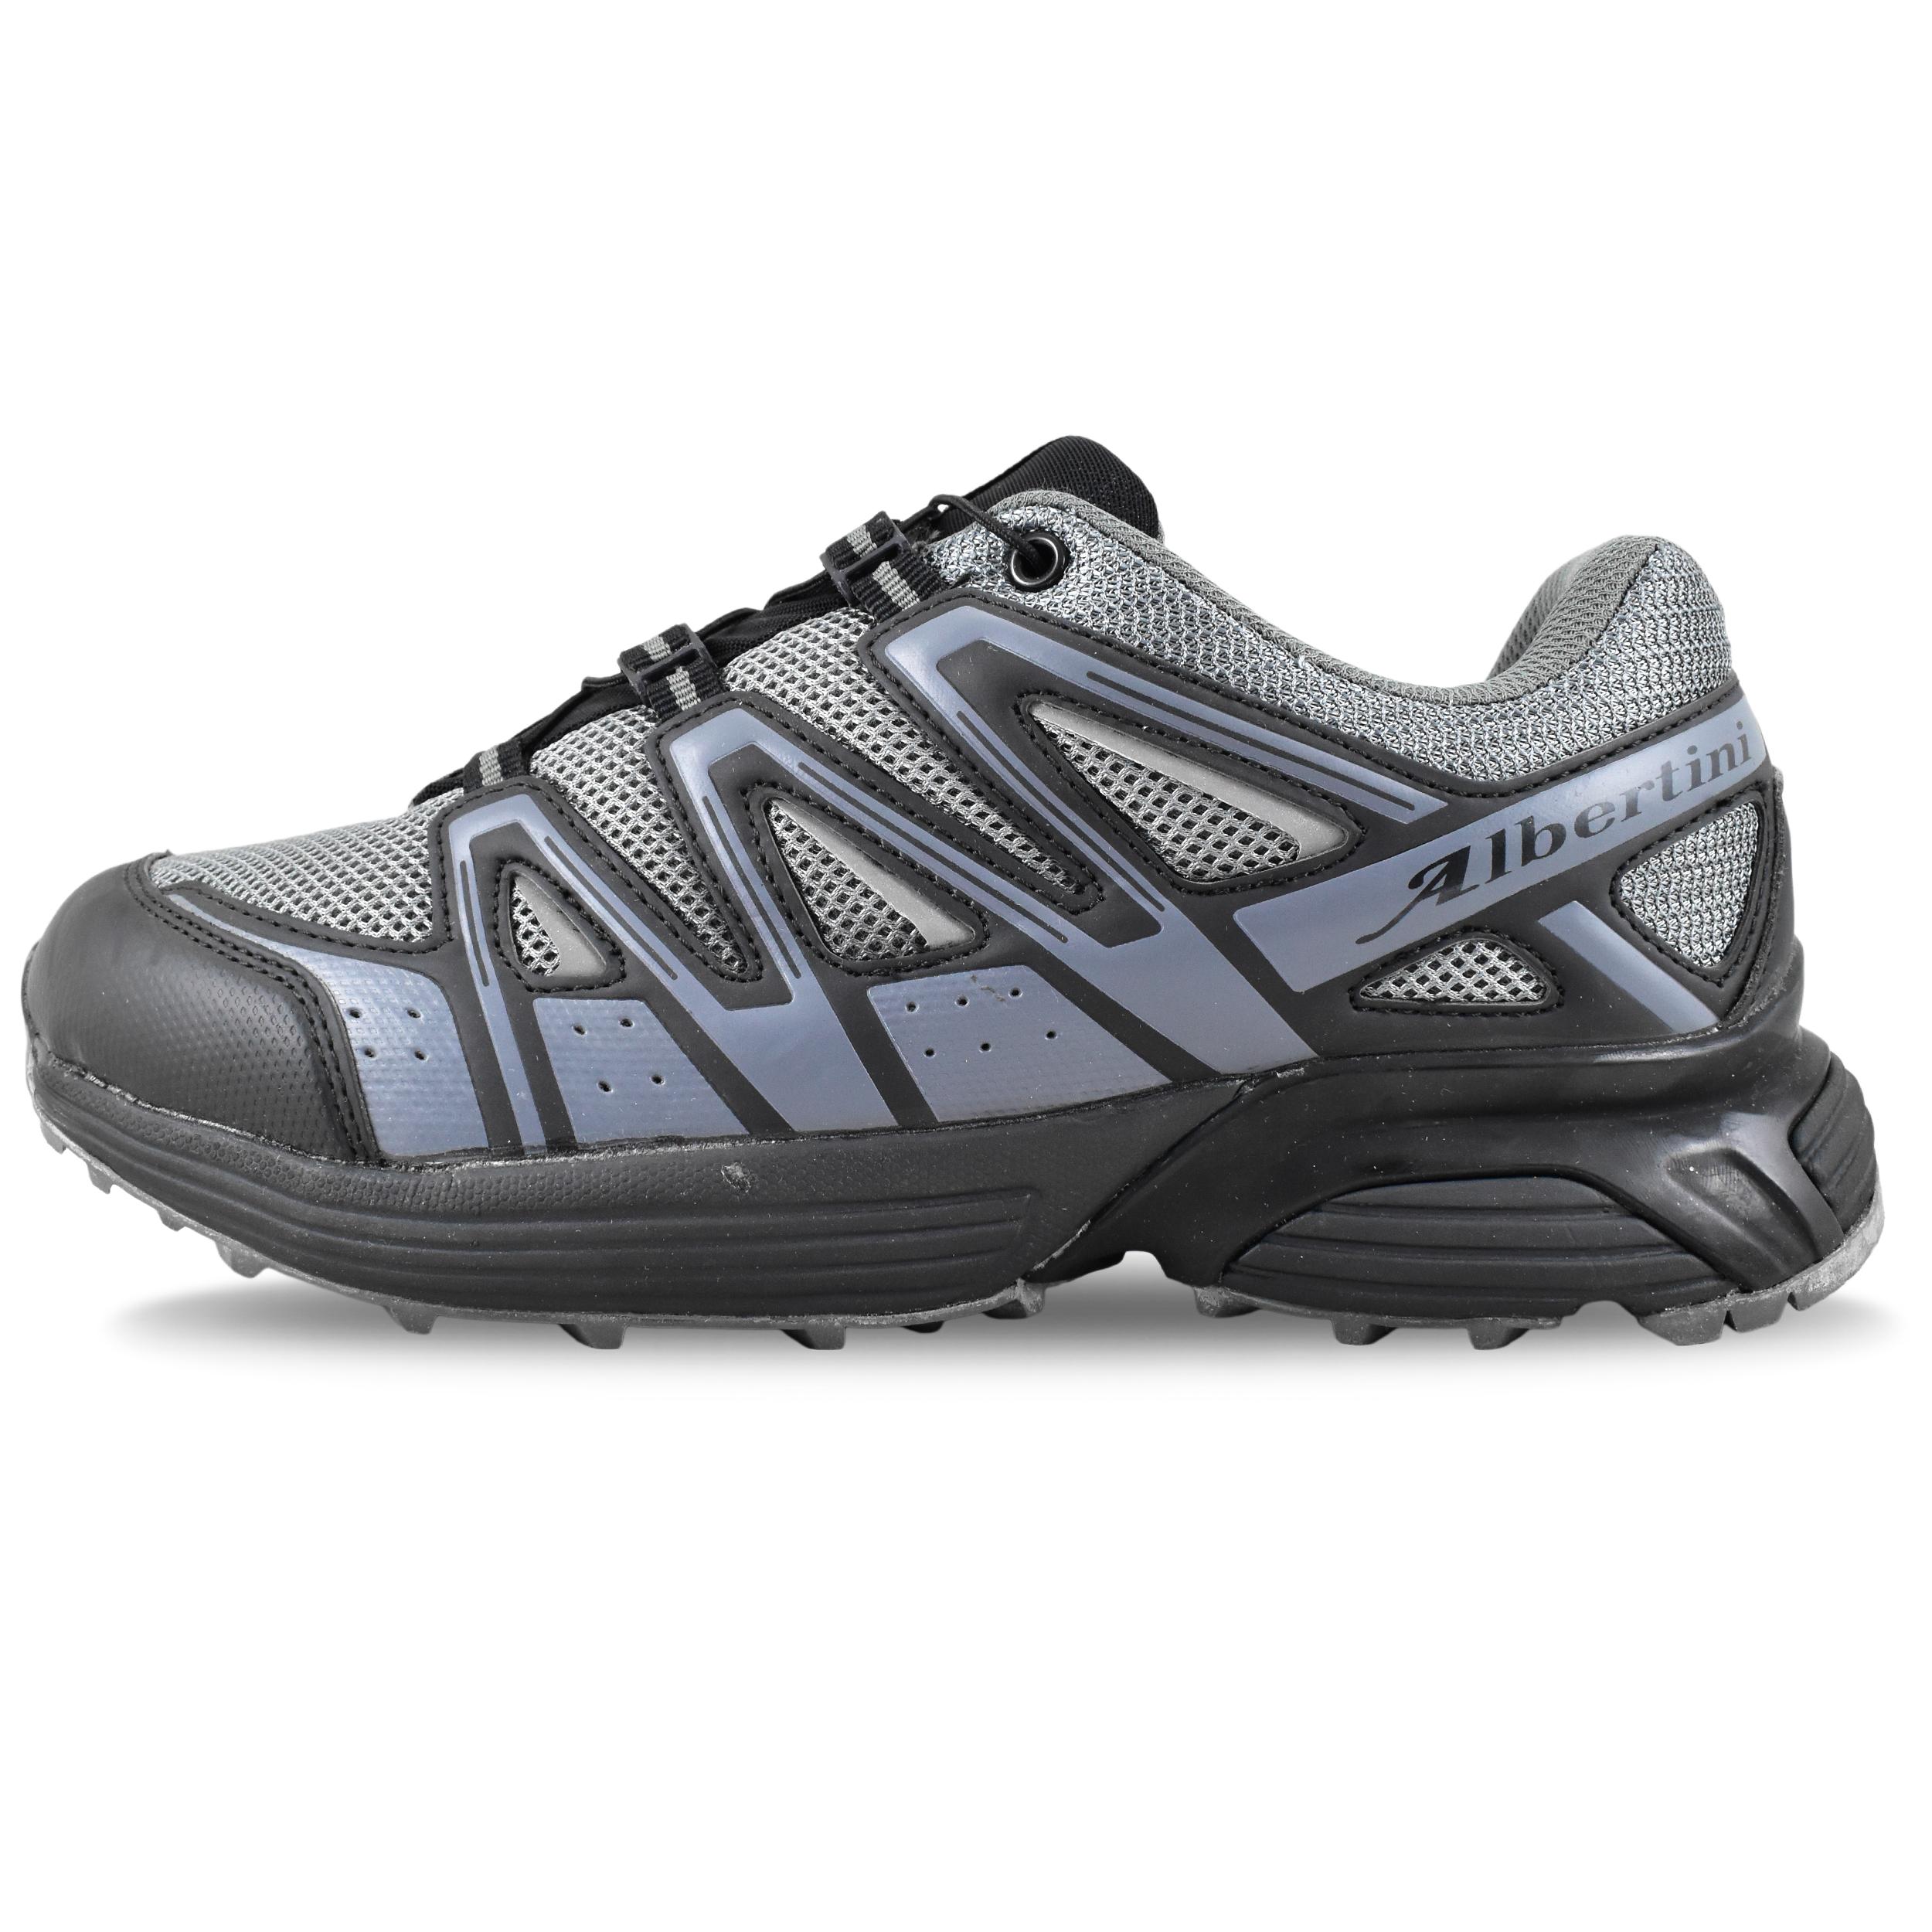 قیمت کفش مخصوص پیاده روی مردانه آلبرتینی مدل سیلور کد 4115